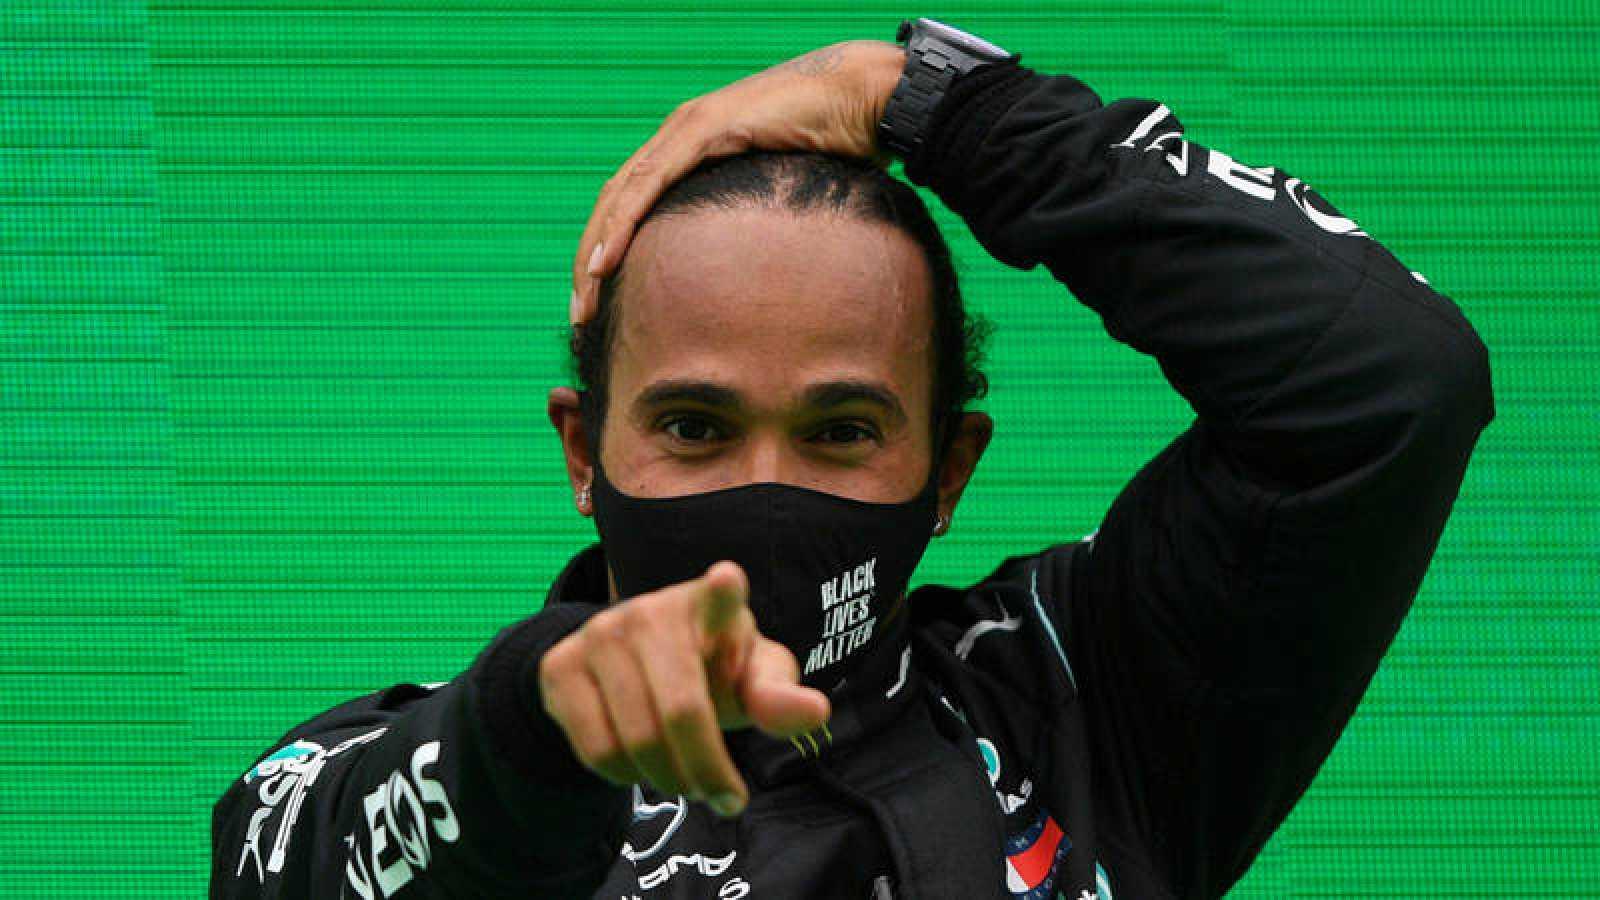 Lewis Hamilton señala con el dedo tras ganar una carrera